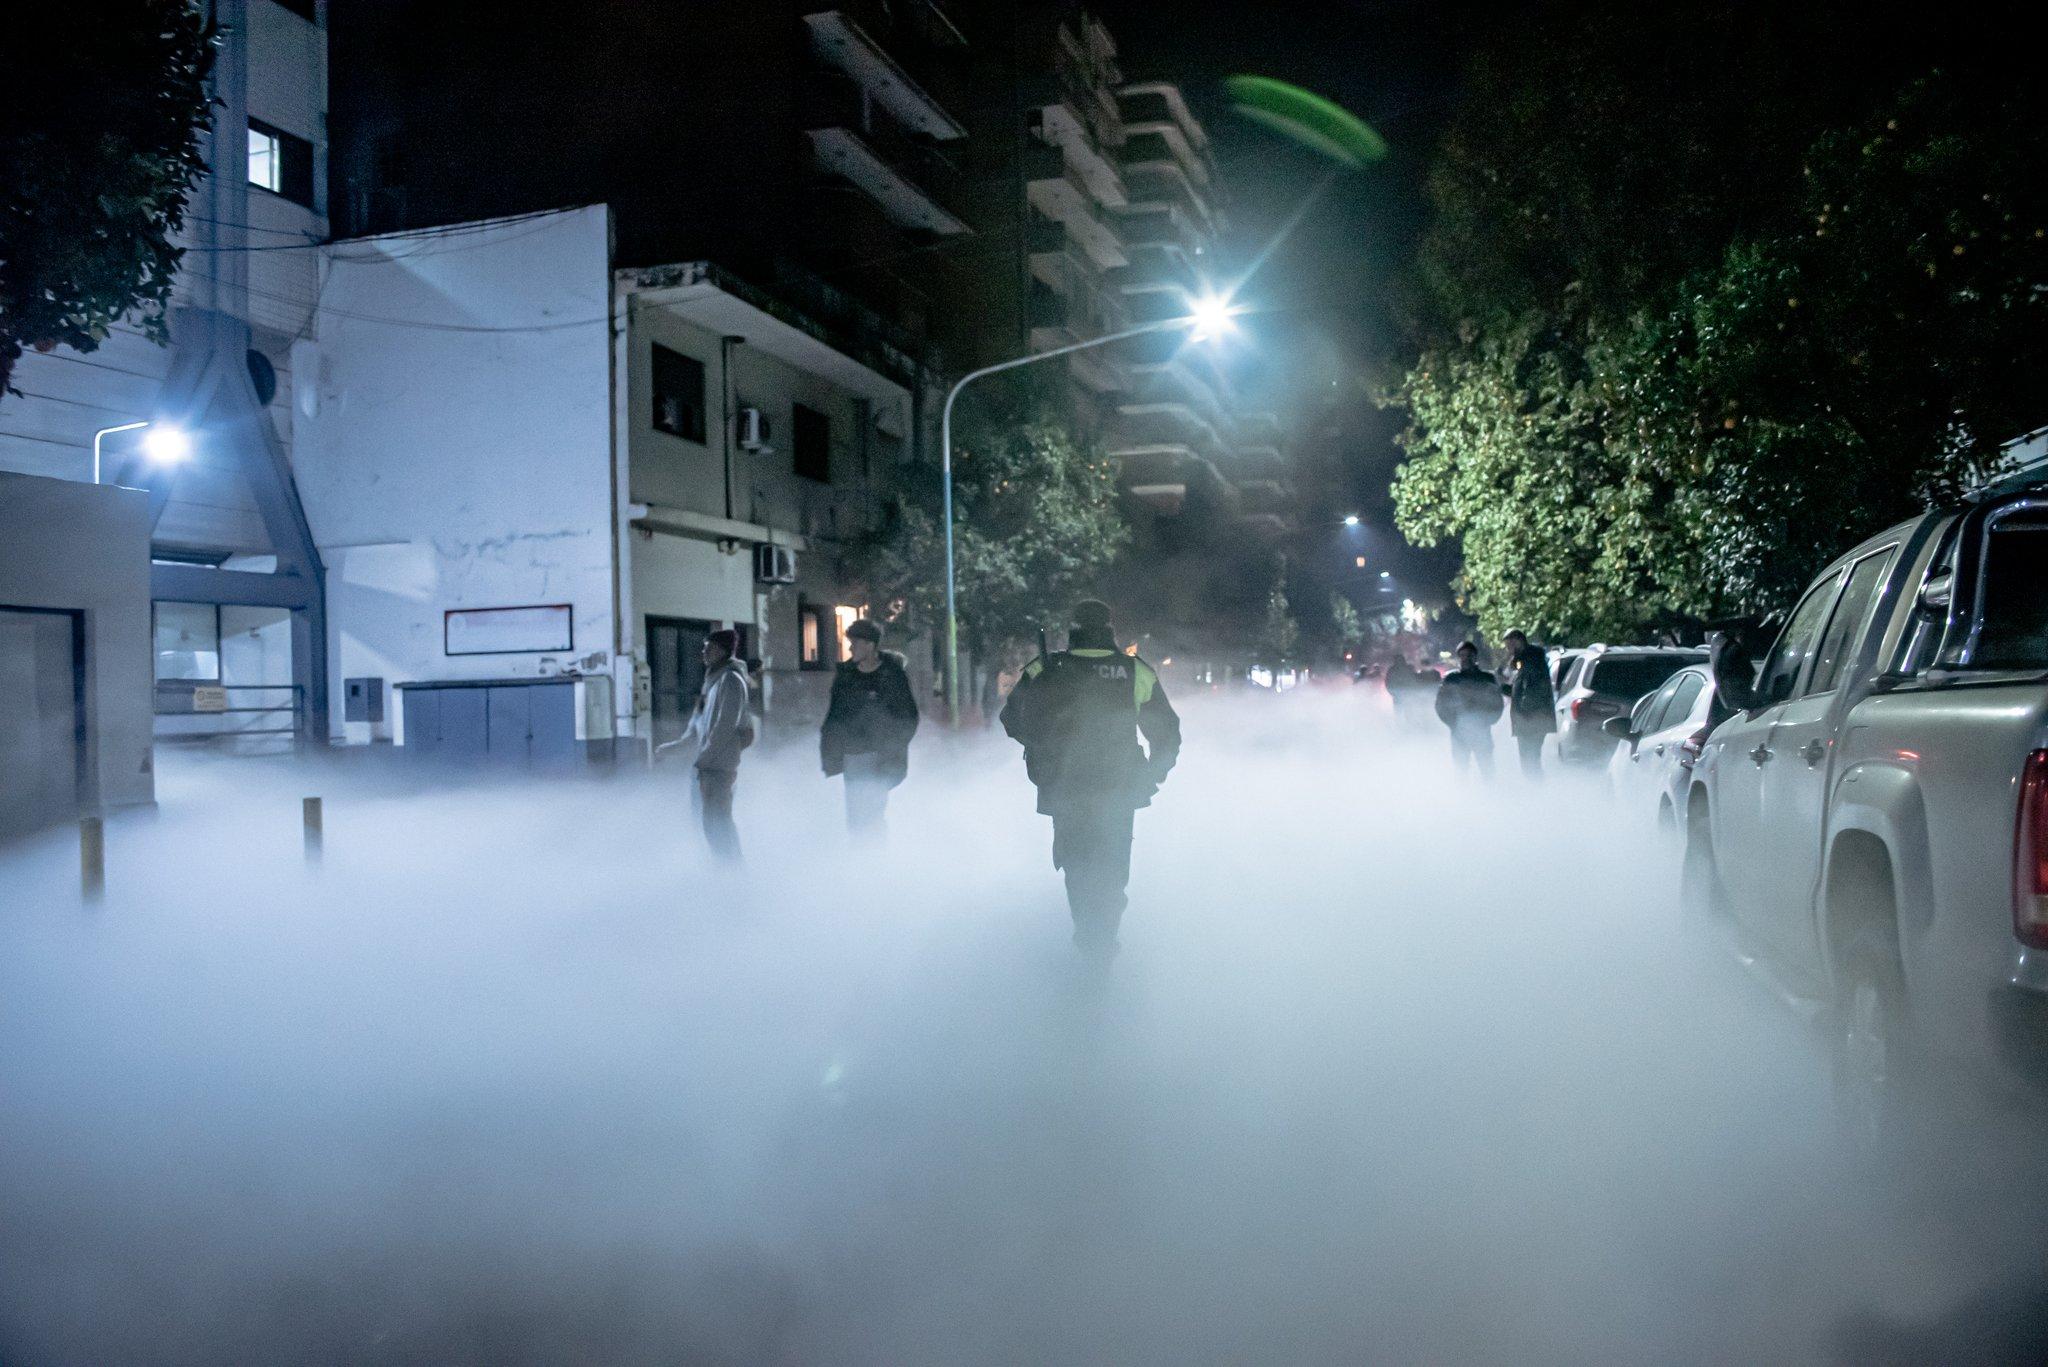 Argentina: la perdita di ossigeno da ospedale crea una nuvola bianca. Il video